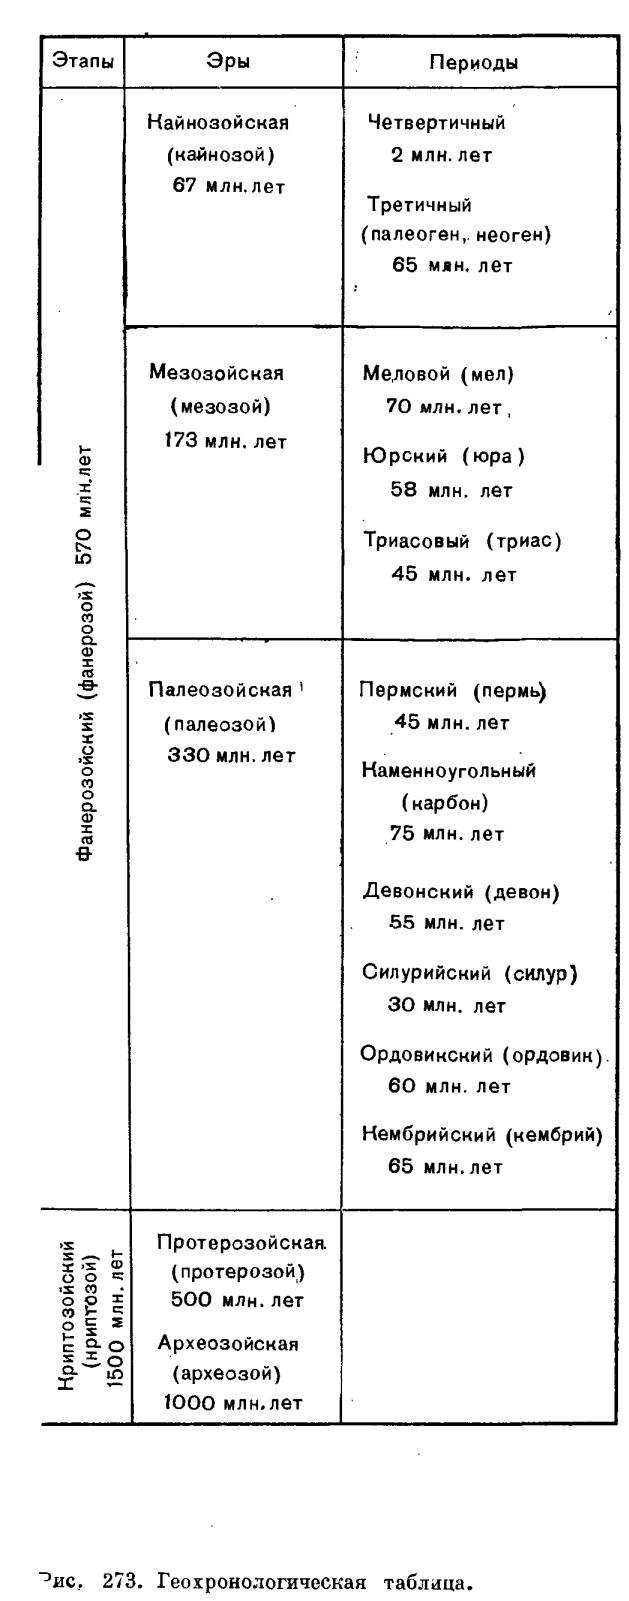 Эволюция и филогения диатомовых водорослей